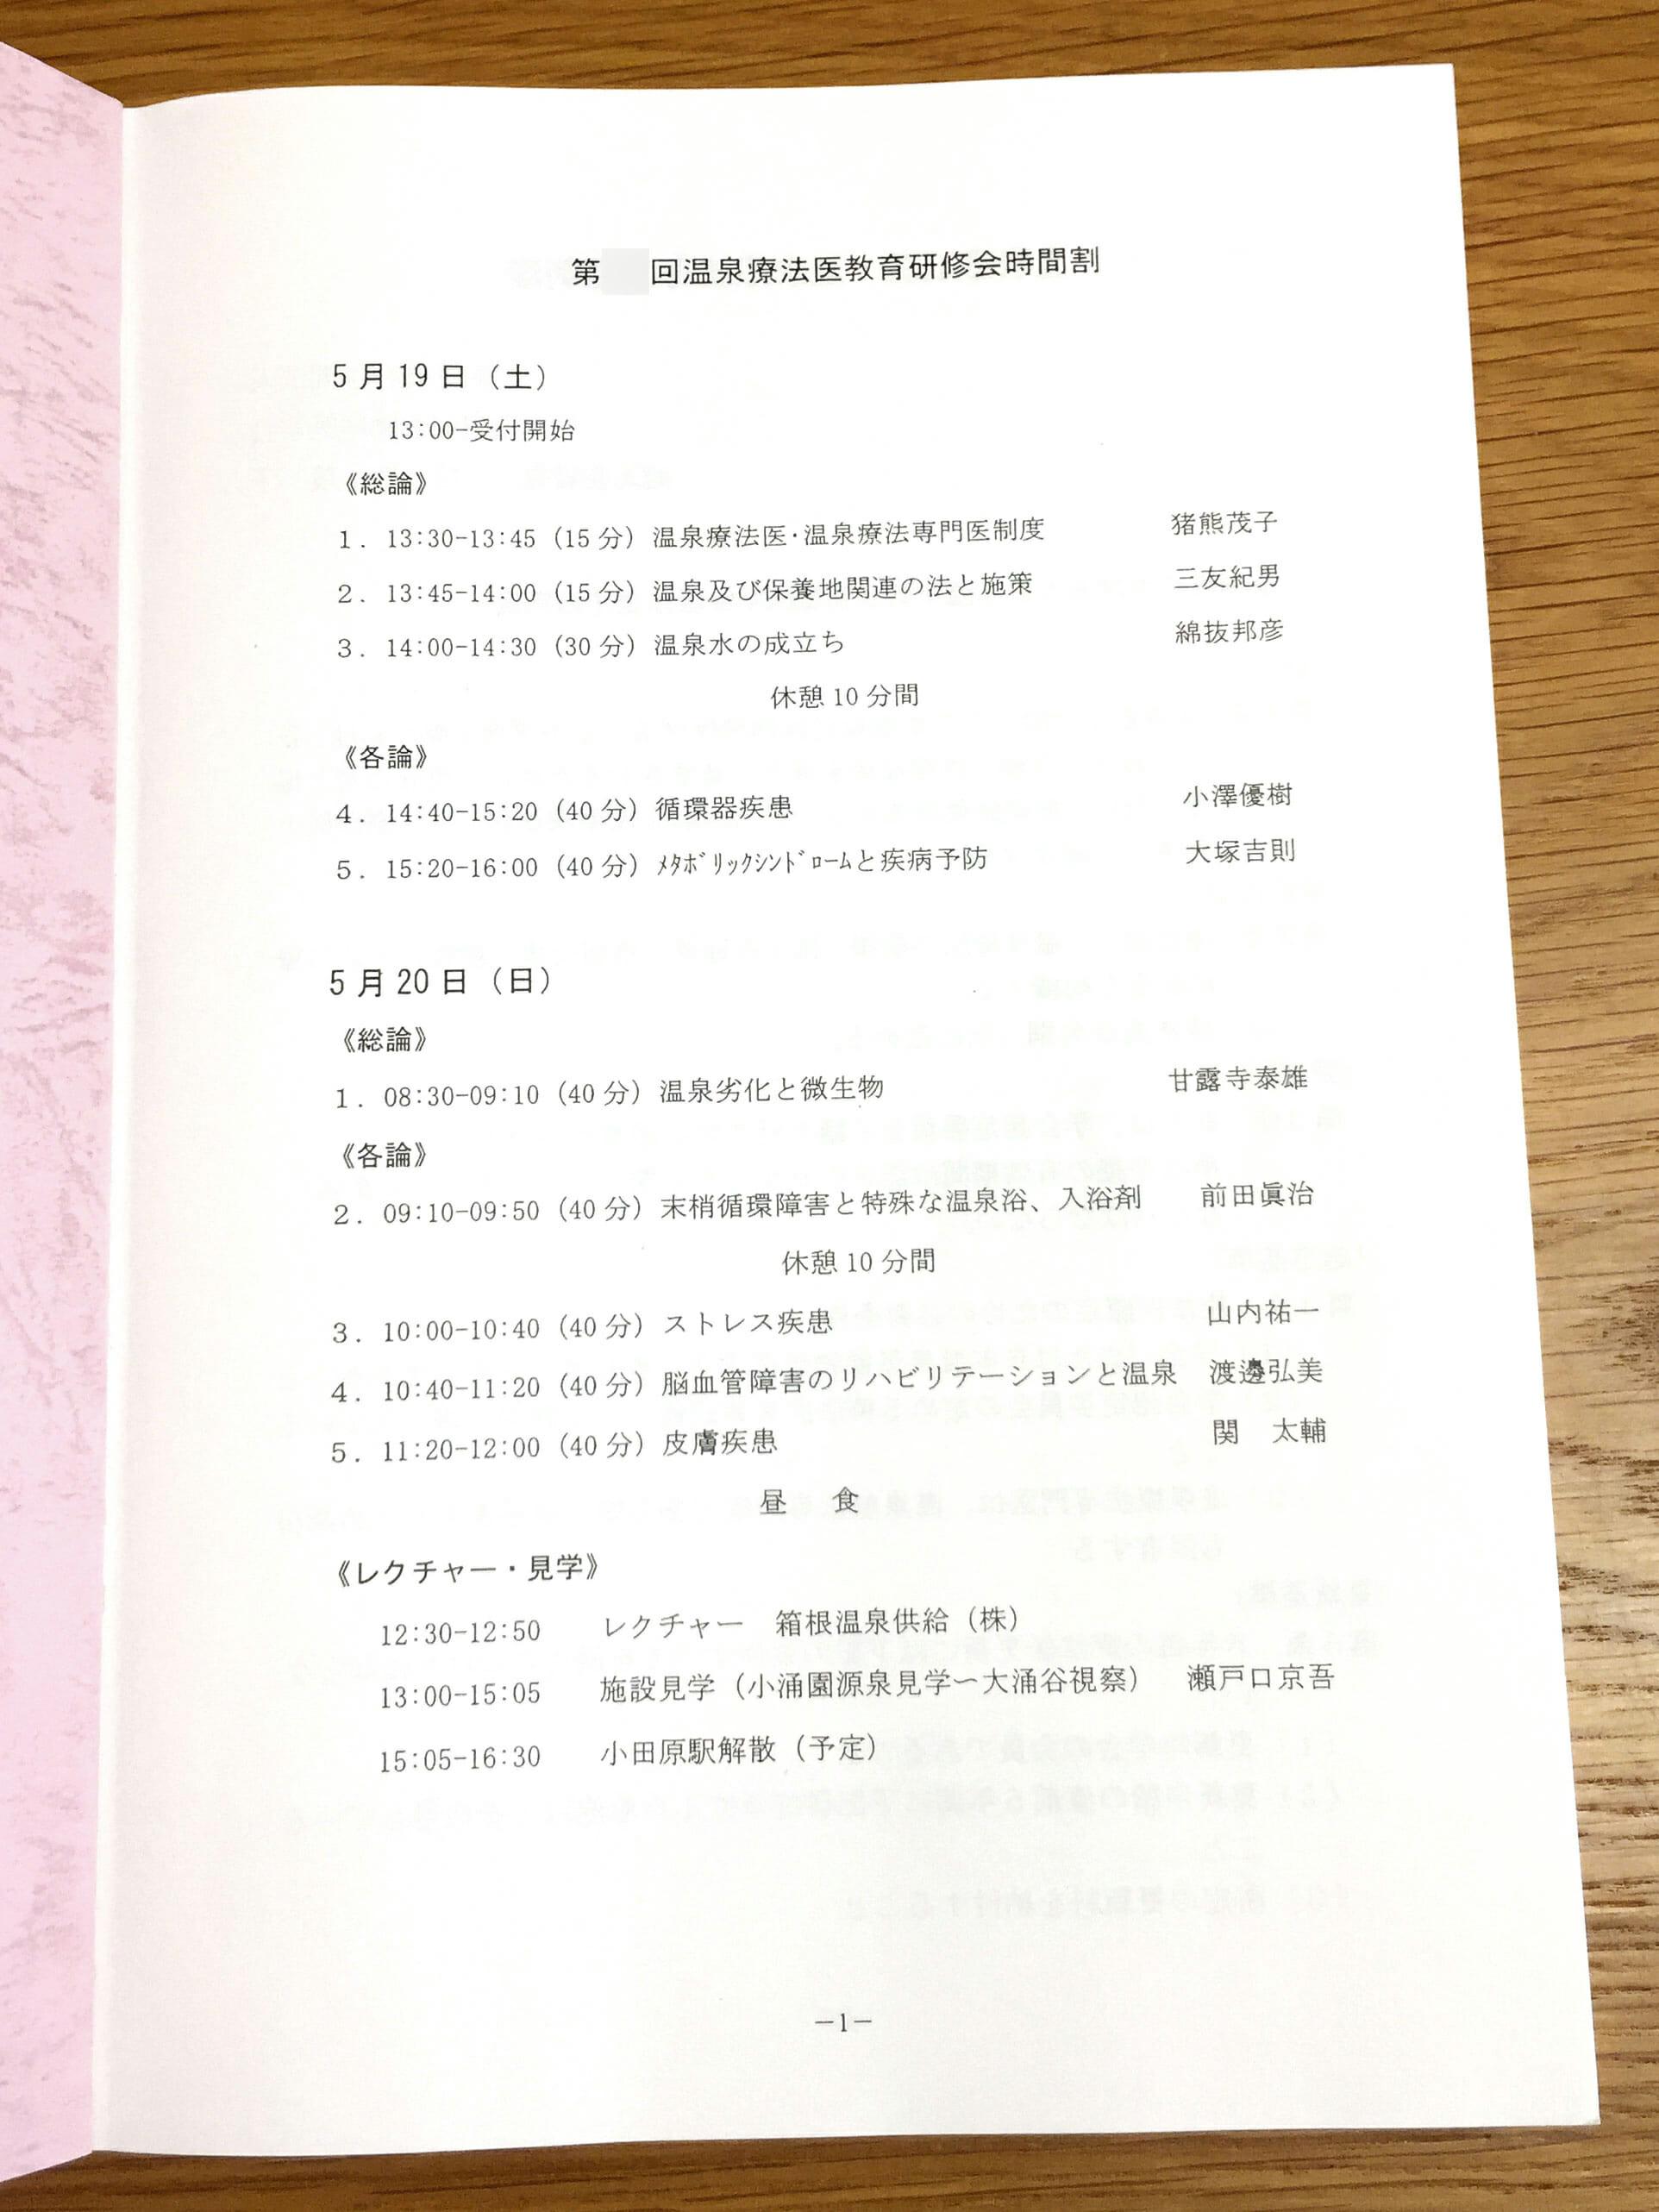 温泉療法医研修会テキスト スケジュール